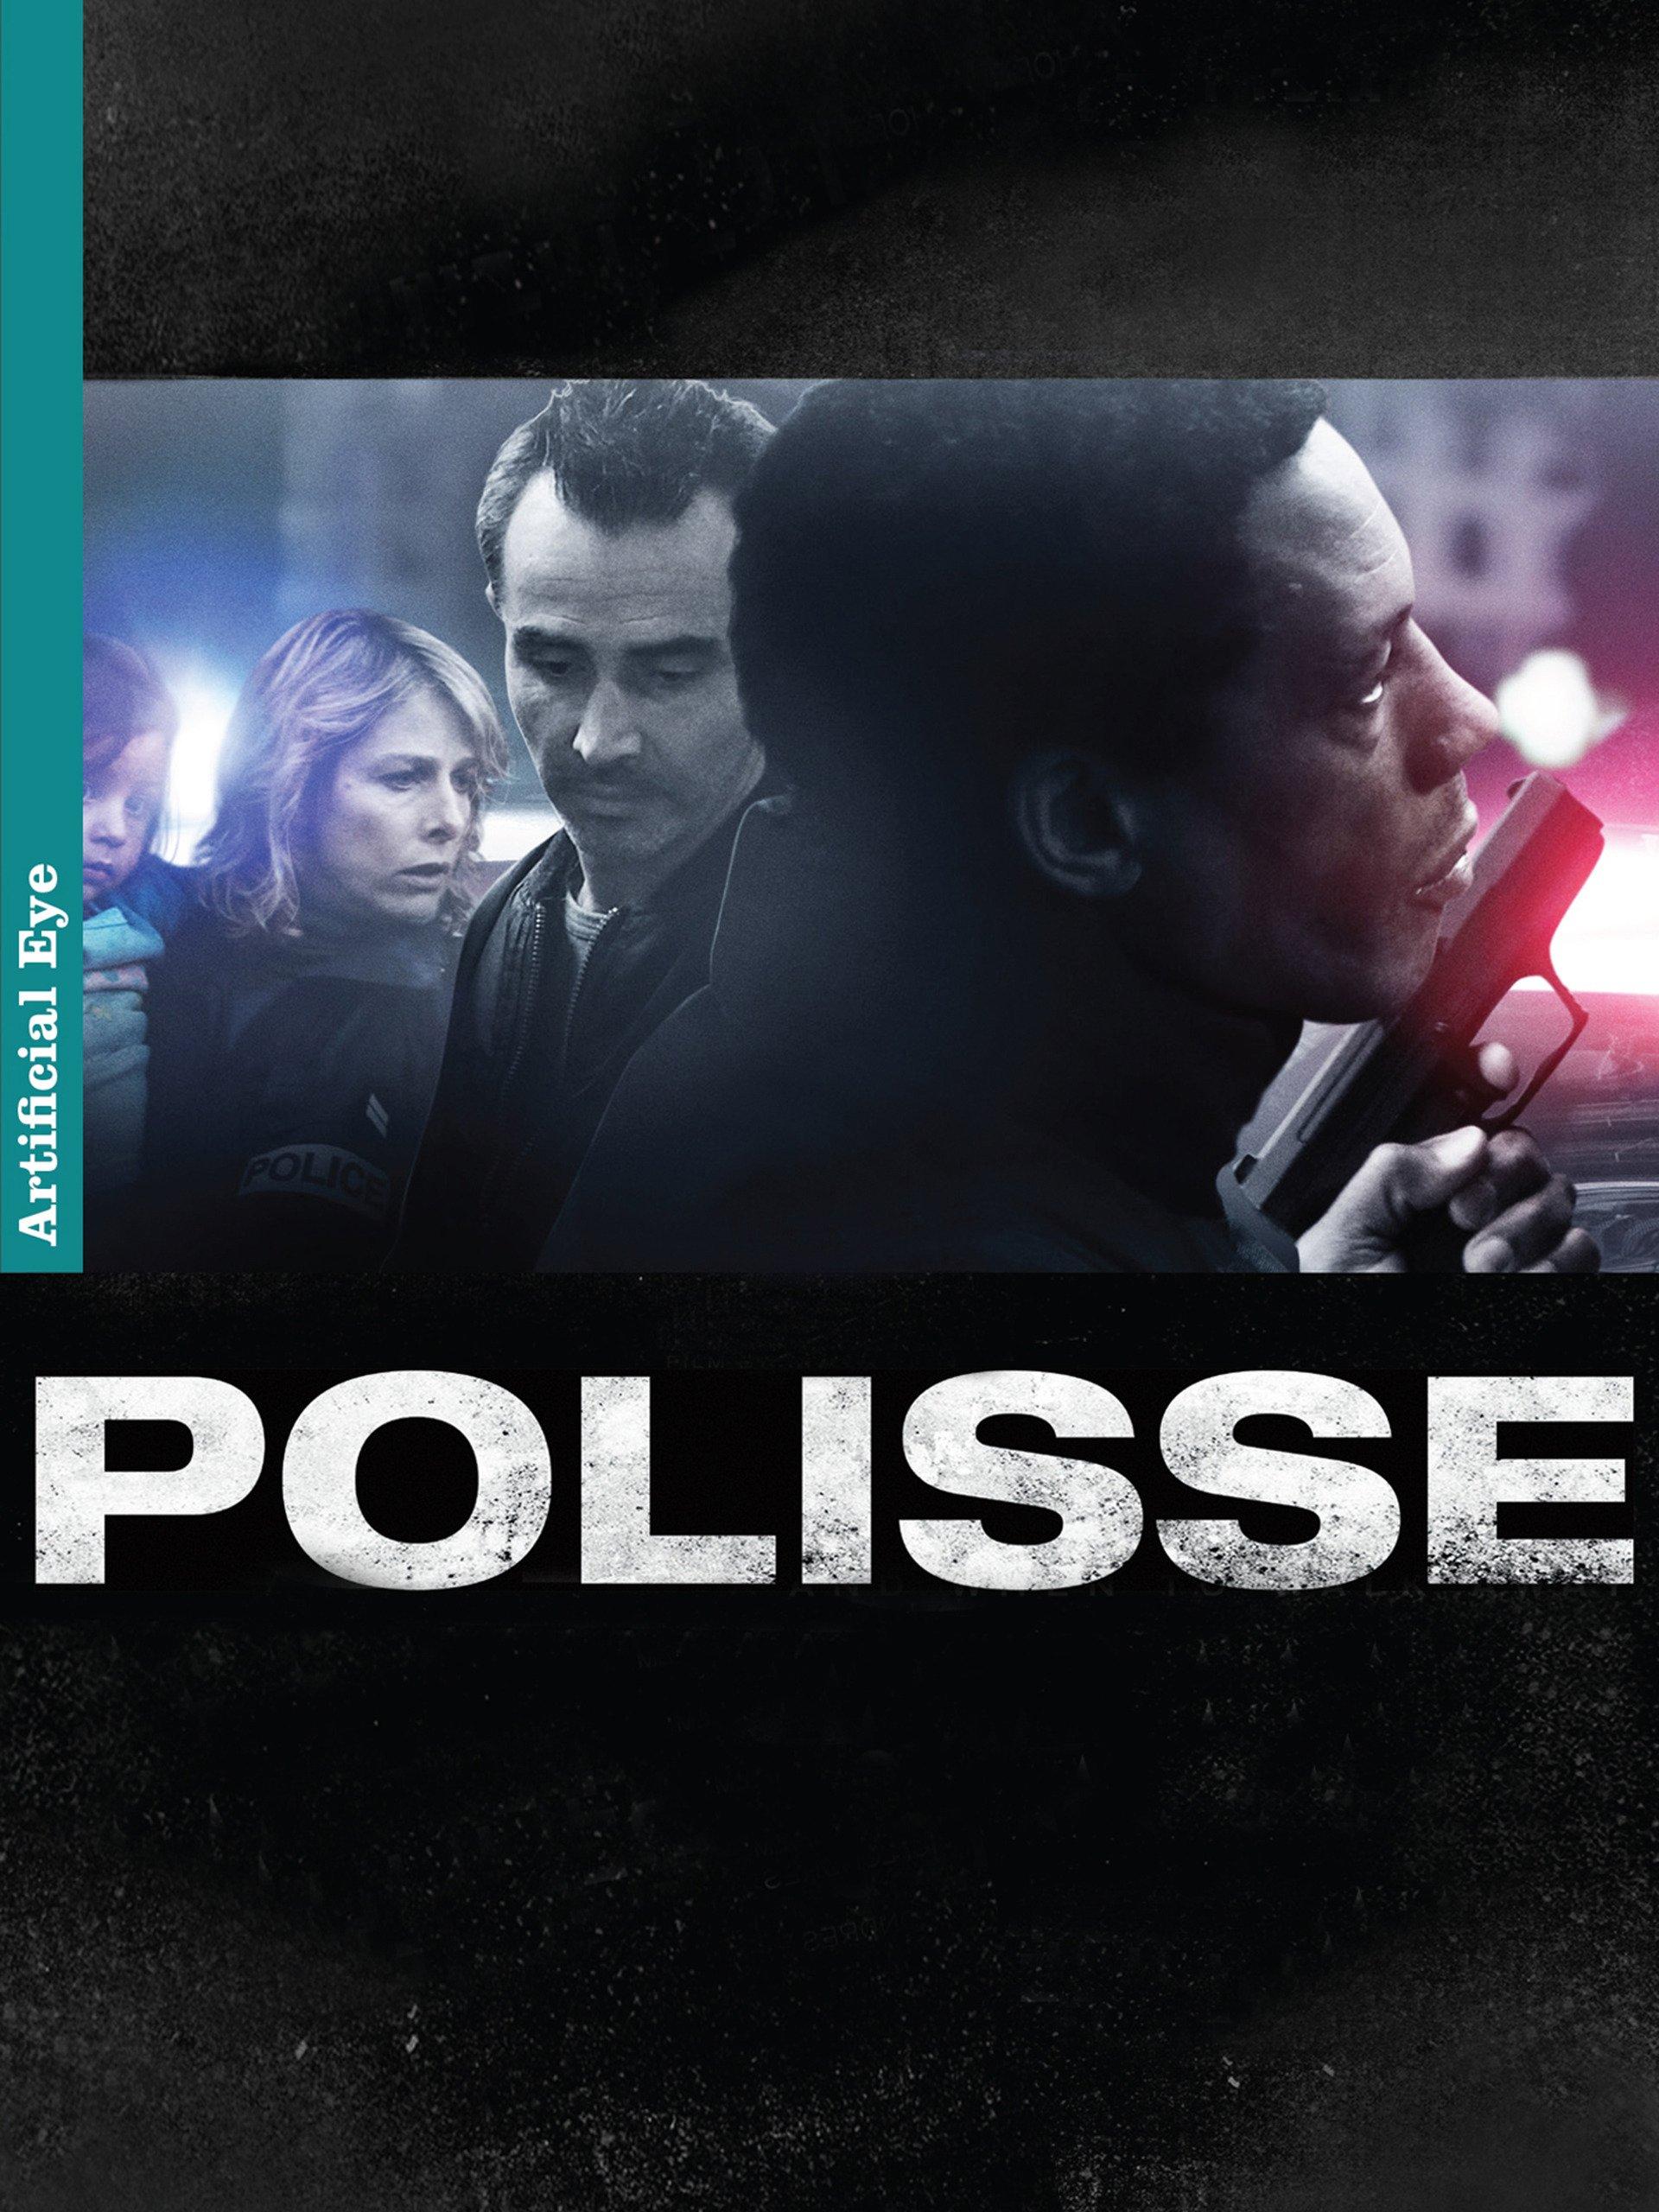 JOEY TÉLÉCHARGER STARR POLISSE AVEC FILM